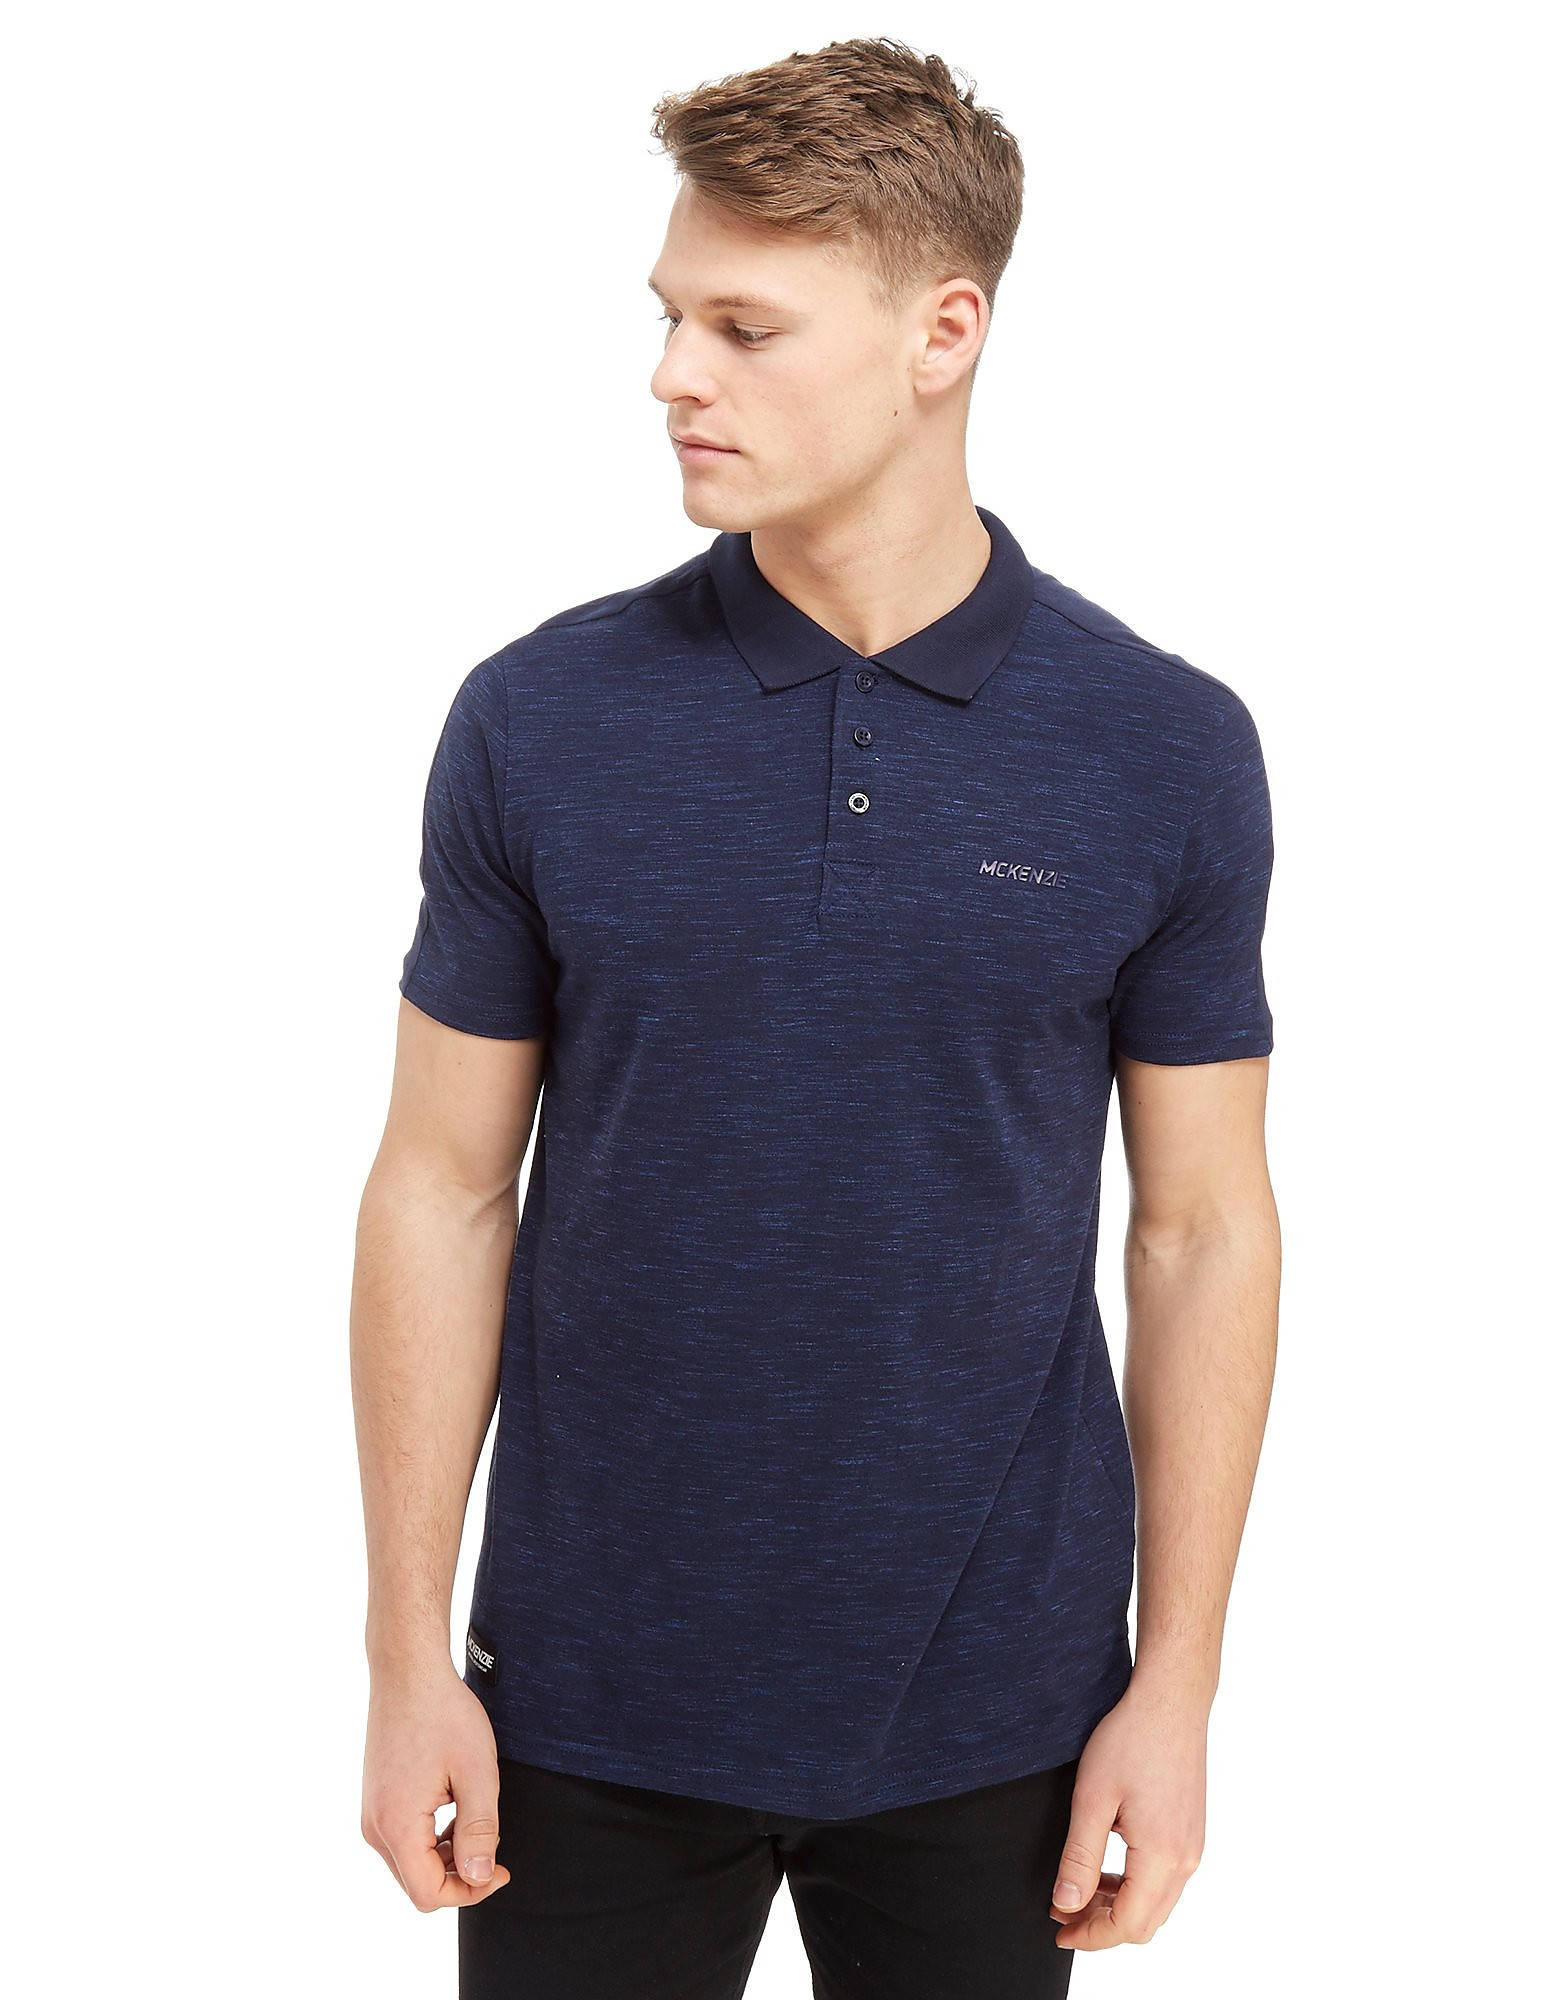 McKenzie Firebird Polo Shirt